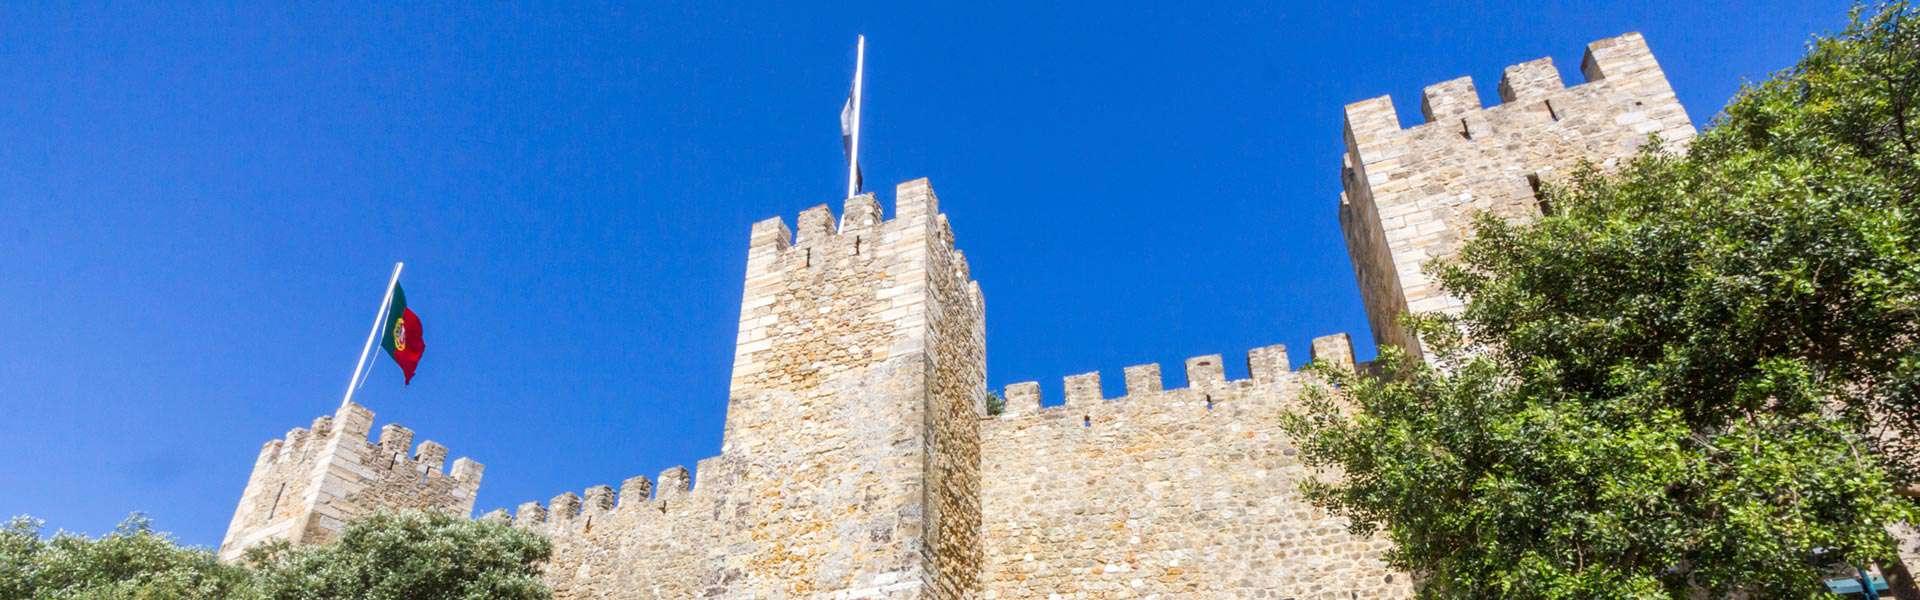 Geschichte erleben: Besuchen Sie das Castelo de Sao Jorge in Lissabon